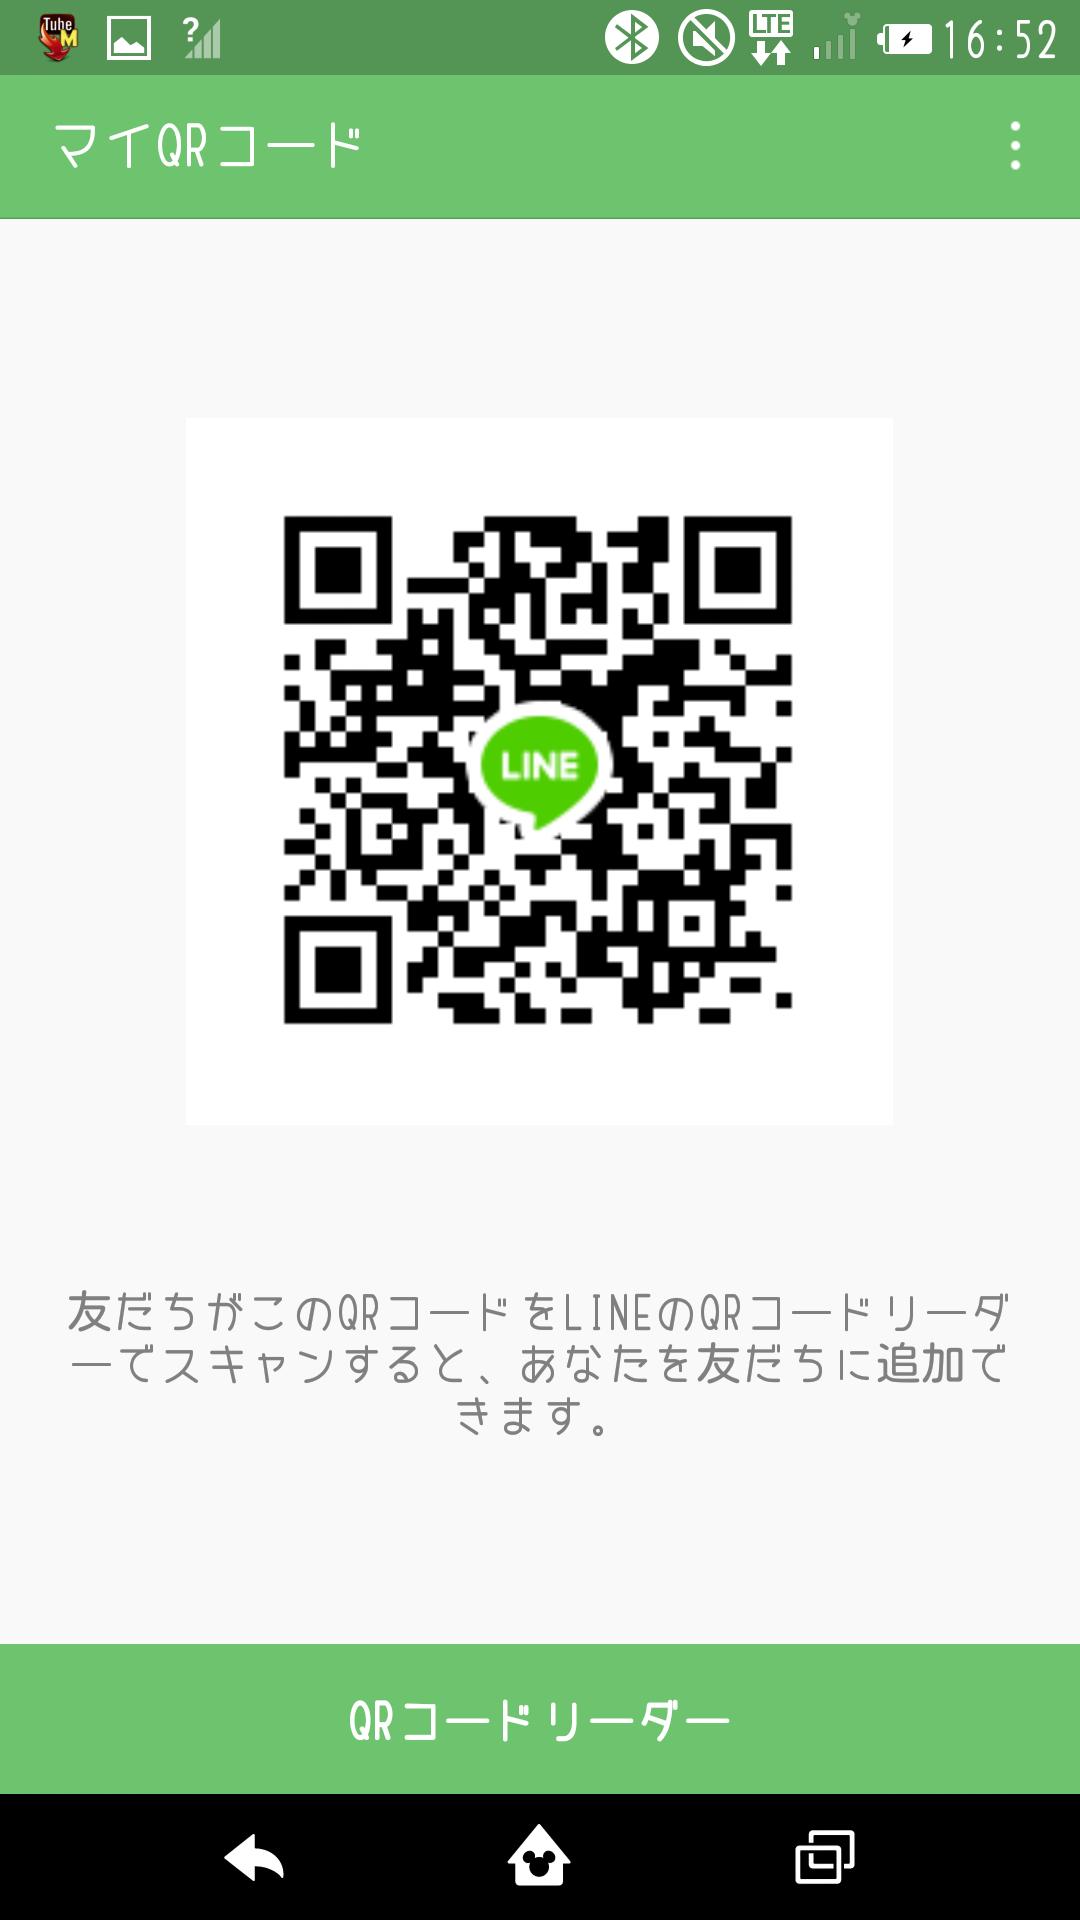 蓮さんのLINE QRコード